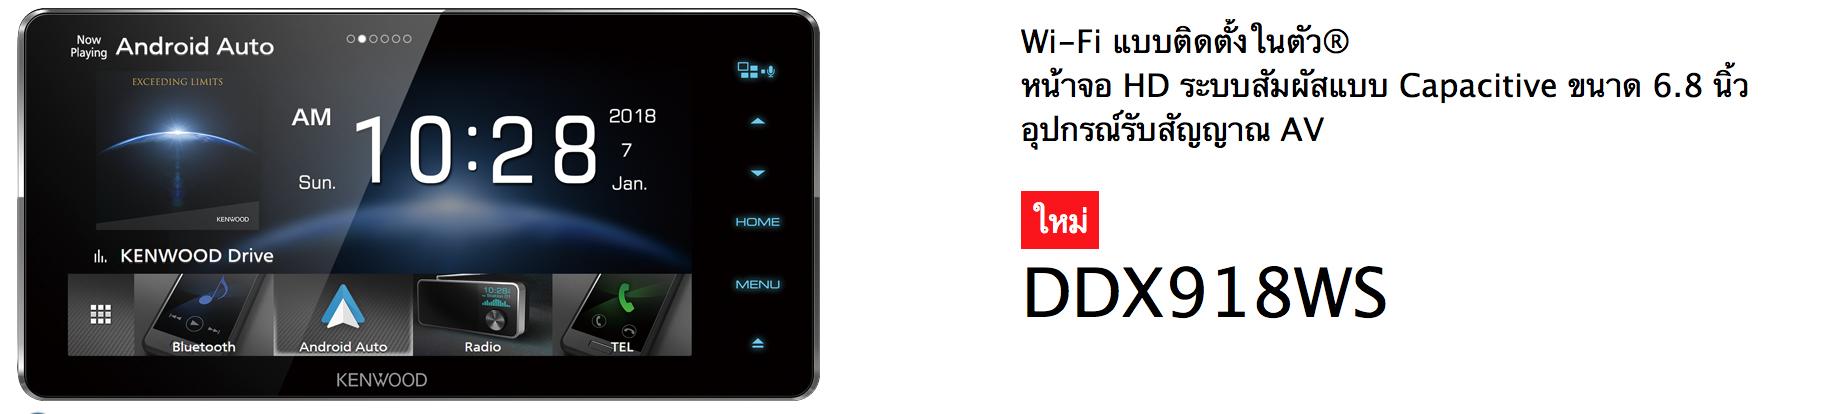 ทีวี KENWOOD DDX918WS ราคา